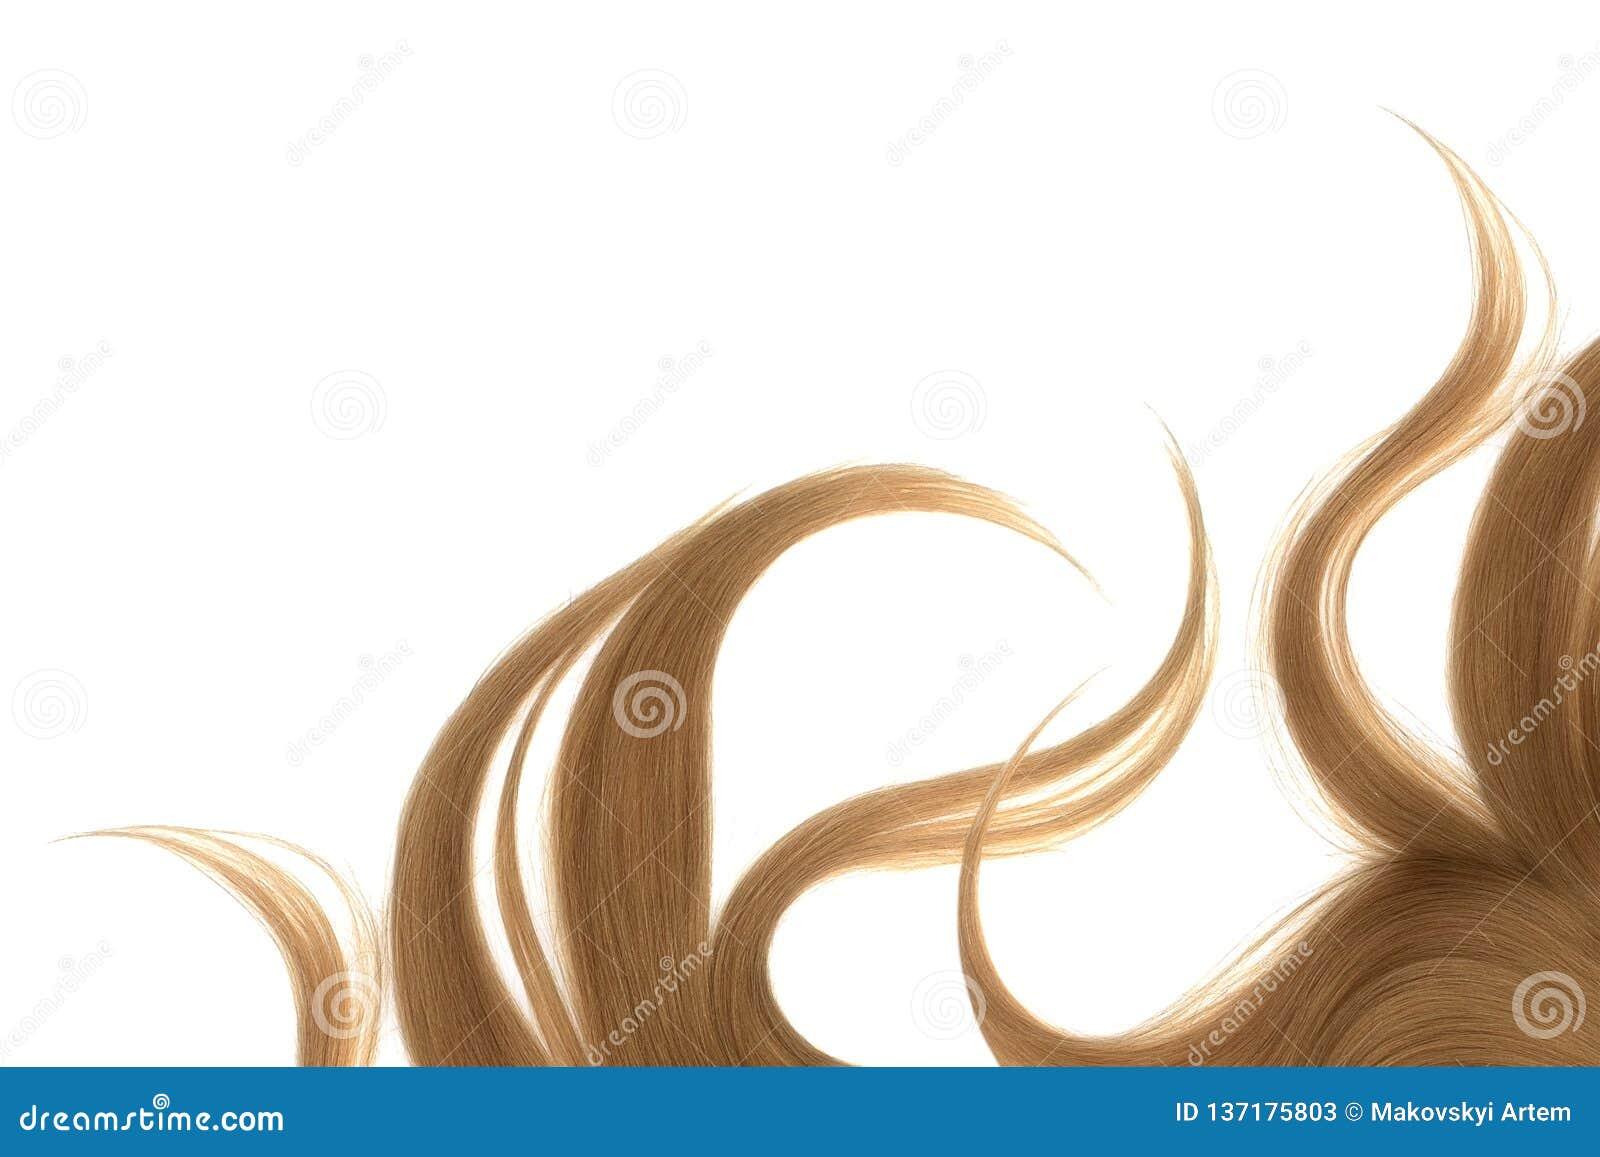 长的被弄乱的棕色头发,隔绝在白色背景